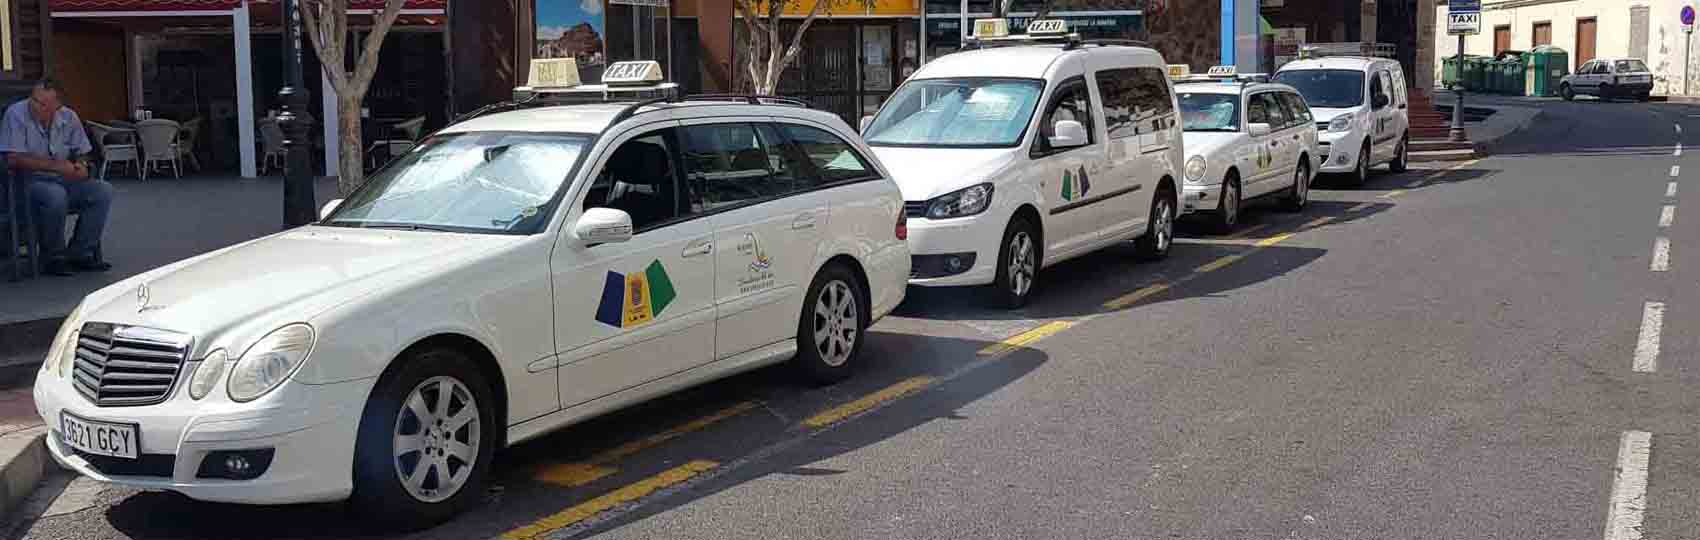 Noticias del sector del taxi y la movilidad en Fuerteventura. Mantente informado de todas las noticias del taxi de Fuerteventura en el grupo de Facebook de Todo Taxi.